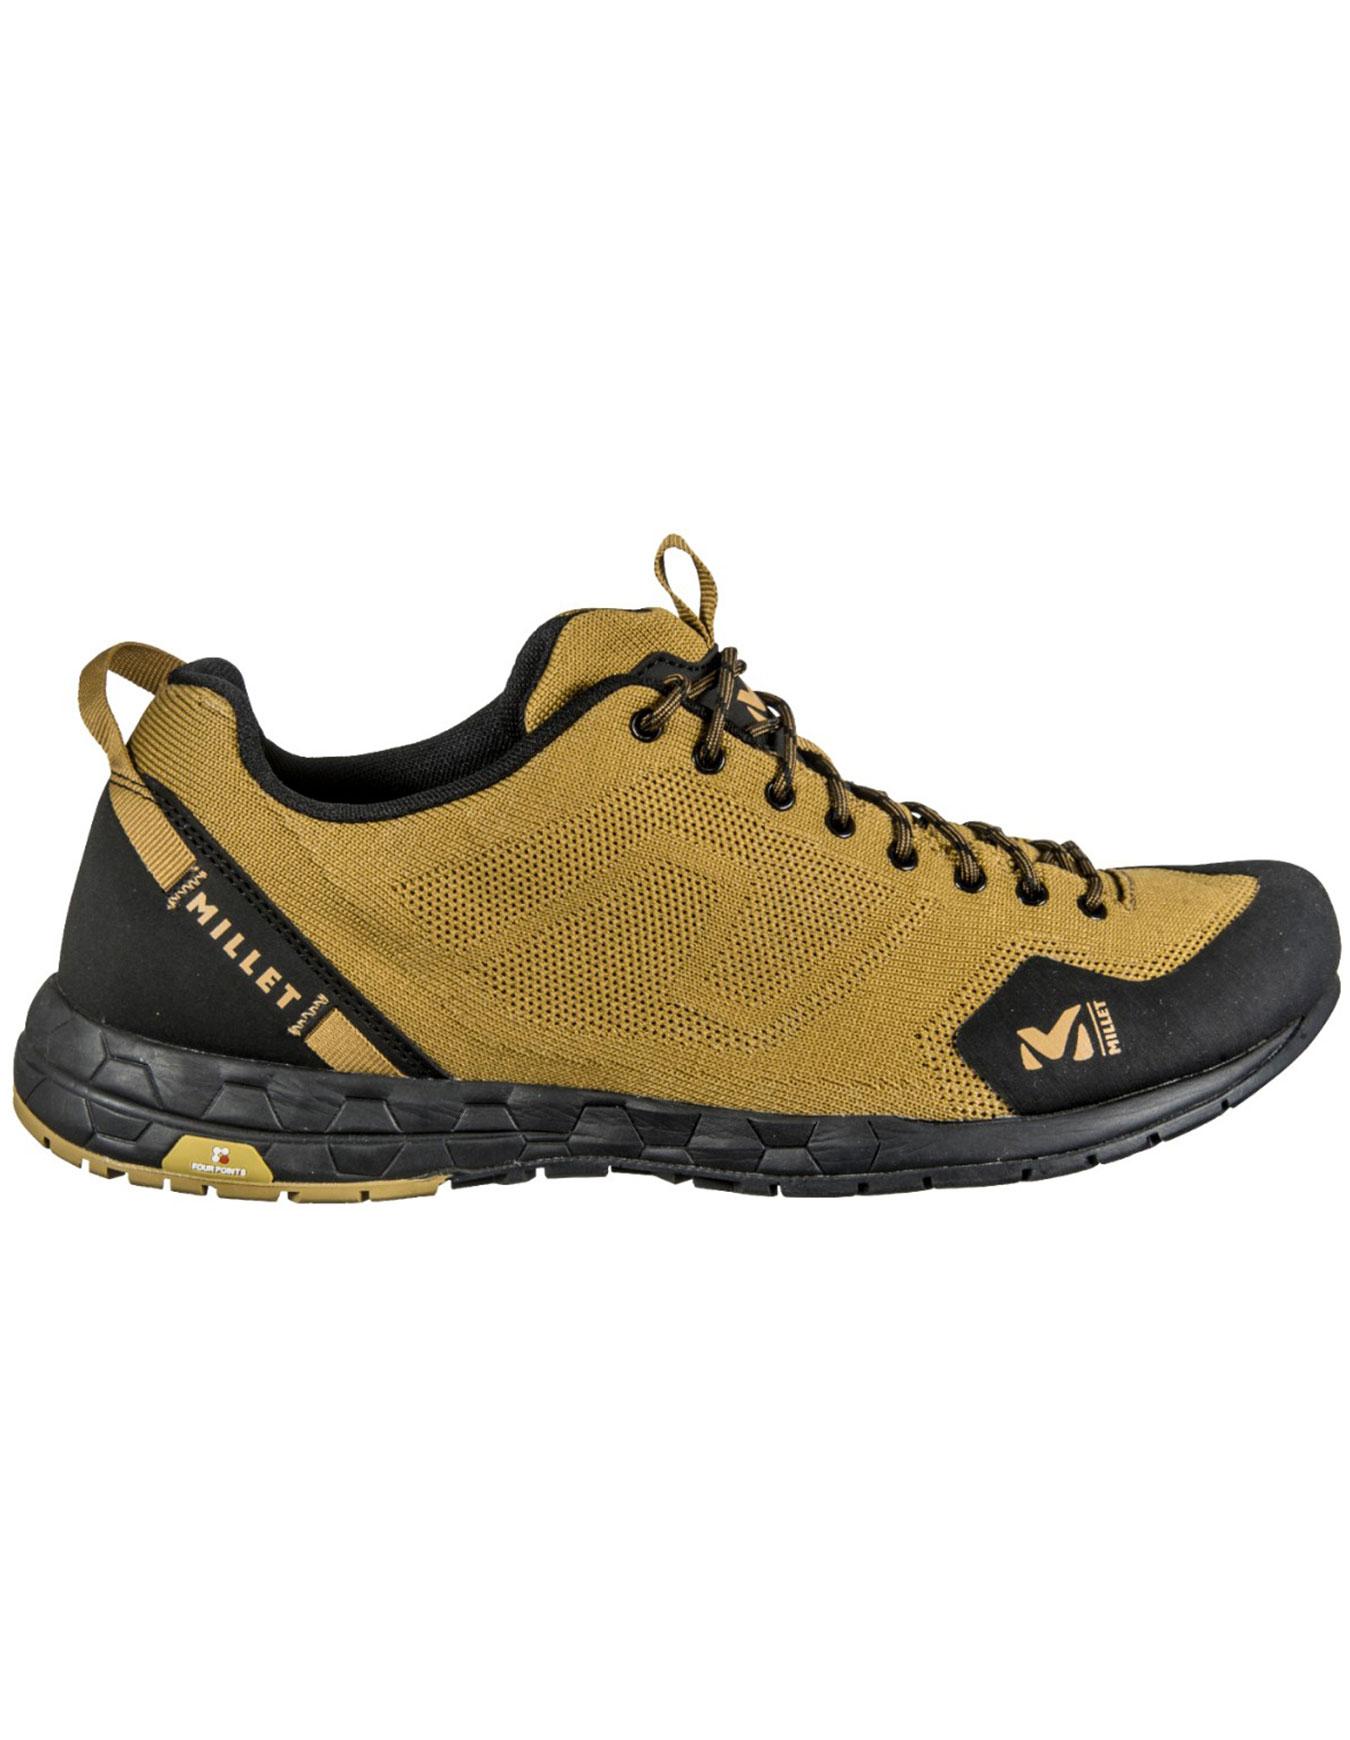 MILLET Amuri Knit Chaussures de VTT Homme